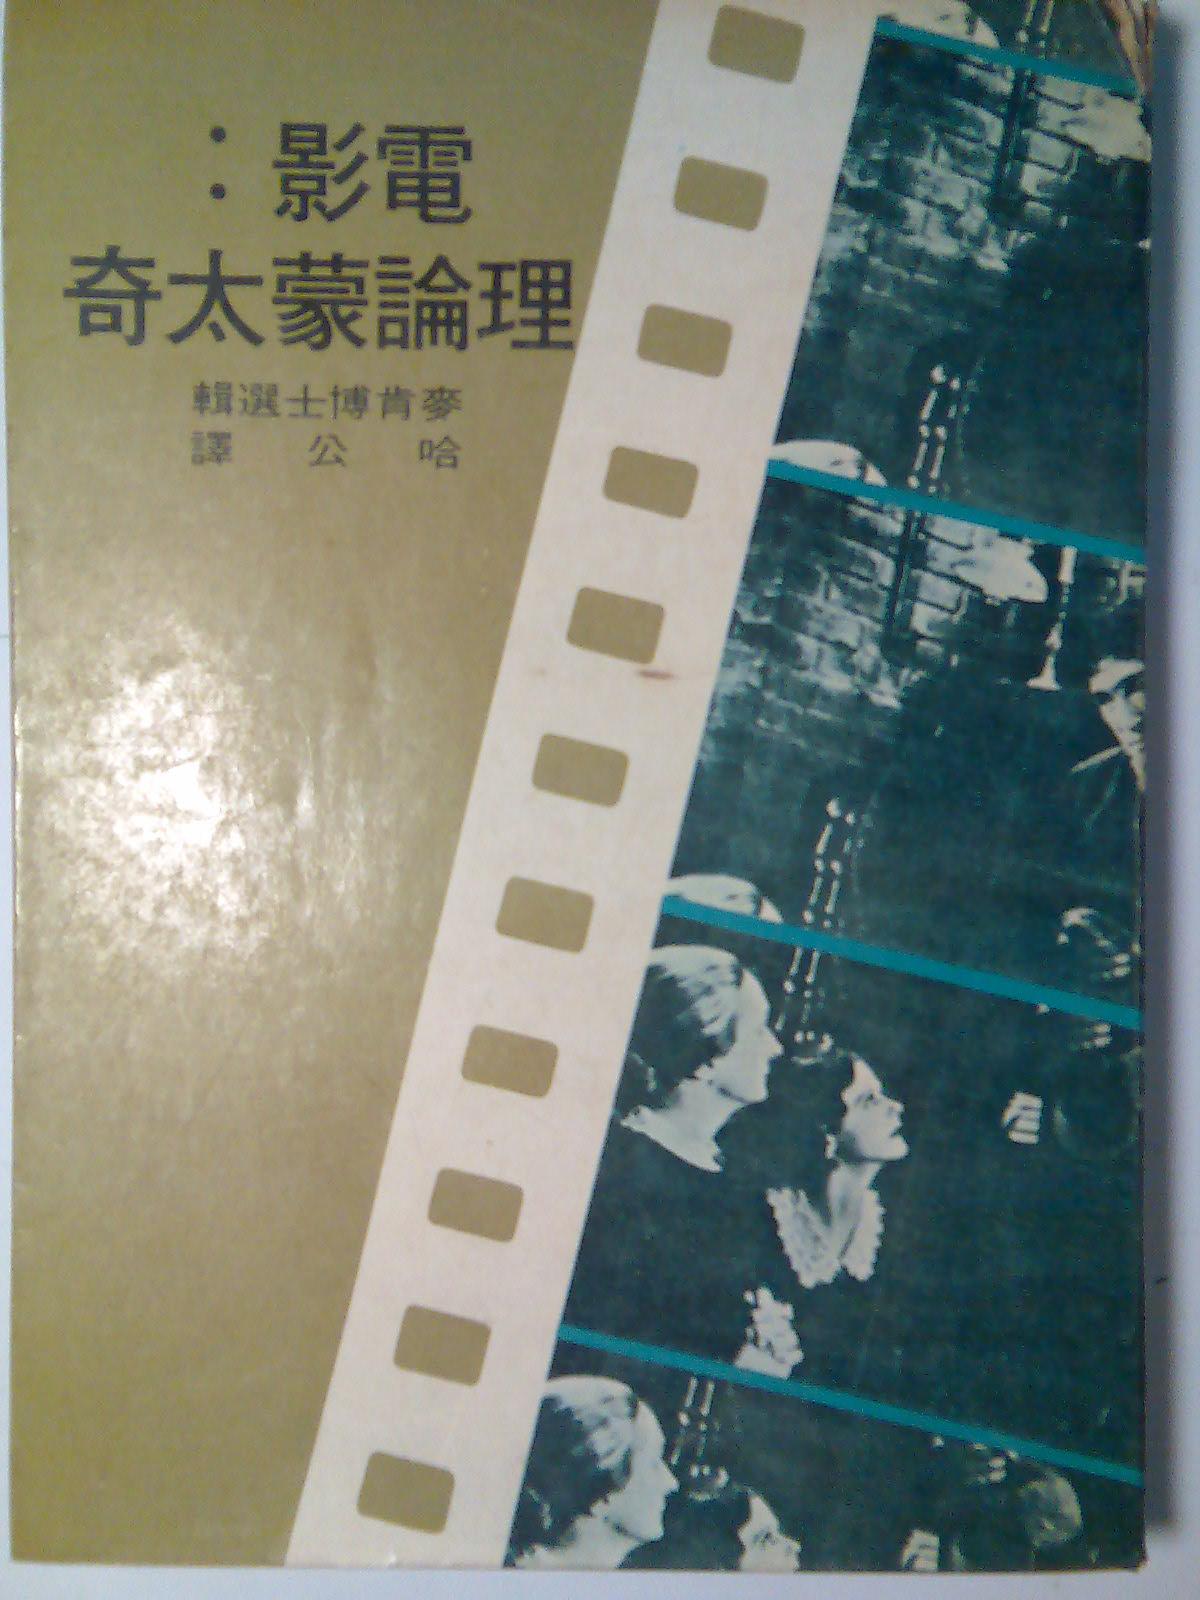 電影:理論蒙太奇